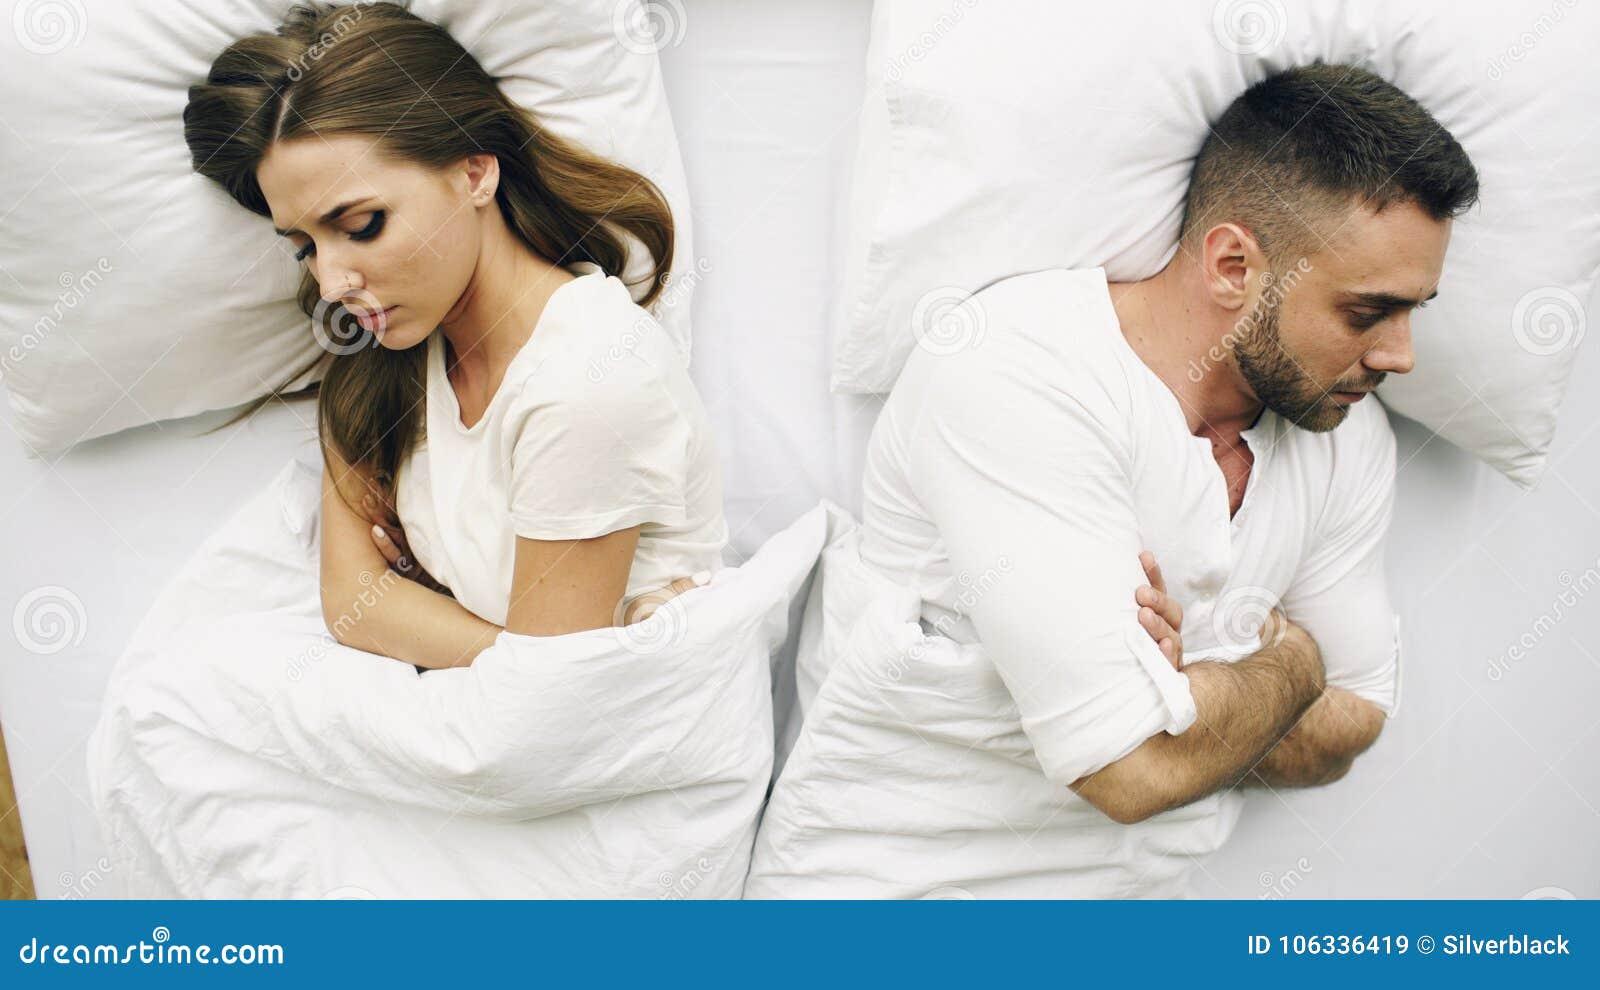 Η τοπ άποψη του νεολαίες ζεύγους που βρίσκεται στο κρεβάτι έχει τα προβλήματα μετά από τη φιλονικία και υ μεταξύ τους στο σπίτι